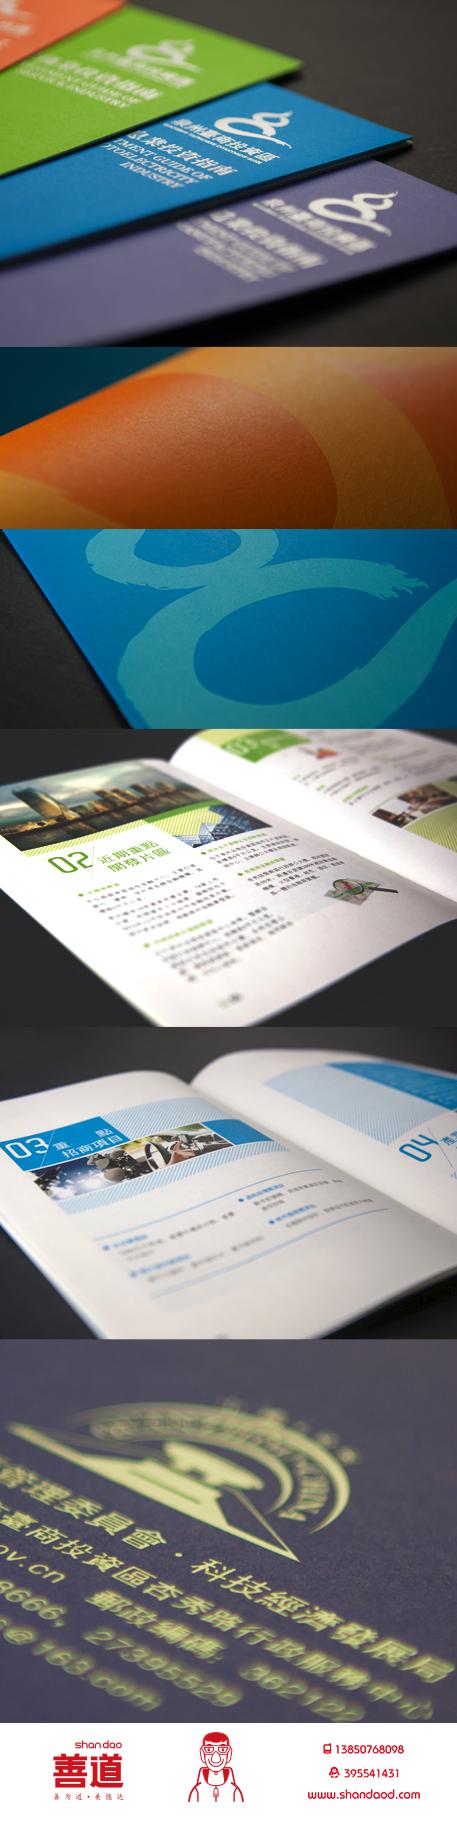 台商投资指南宣传册设计